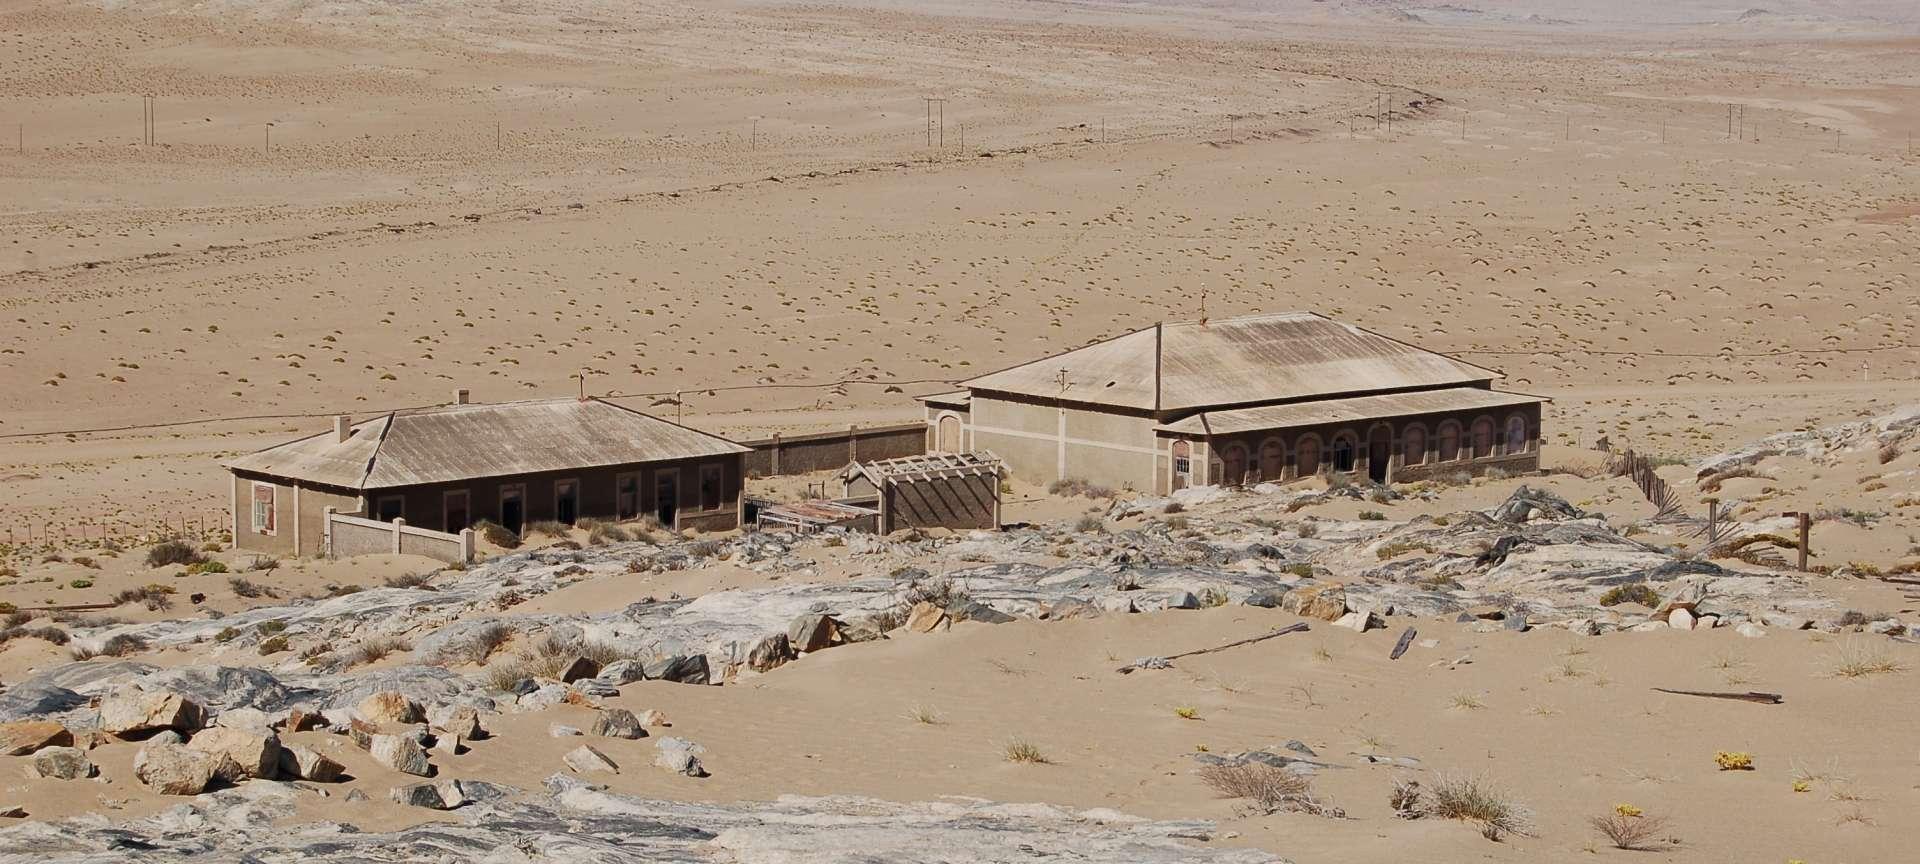 Kolmanskop - Africa Wildlife Safaris